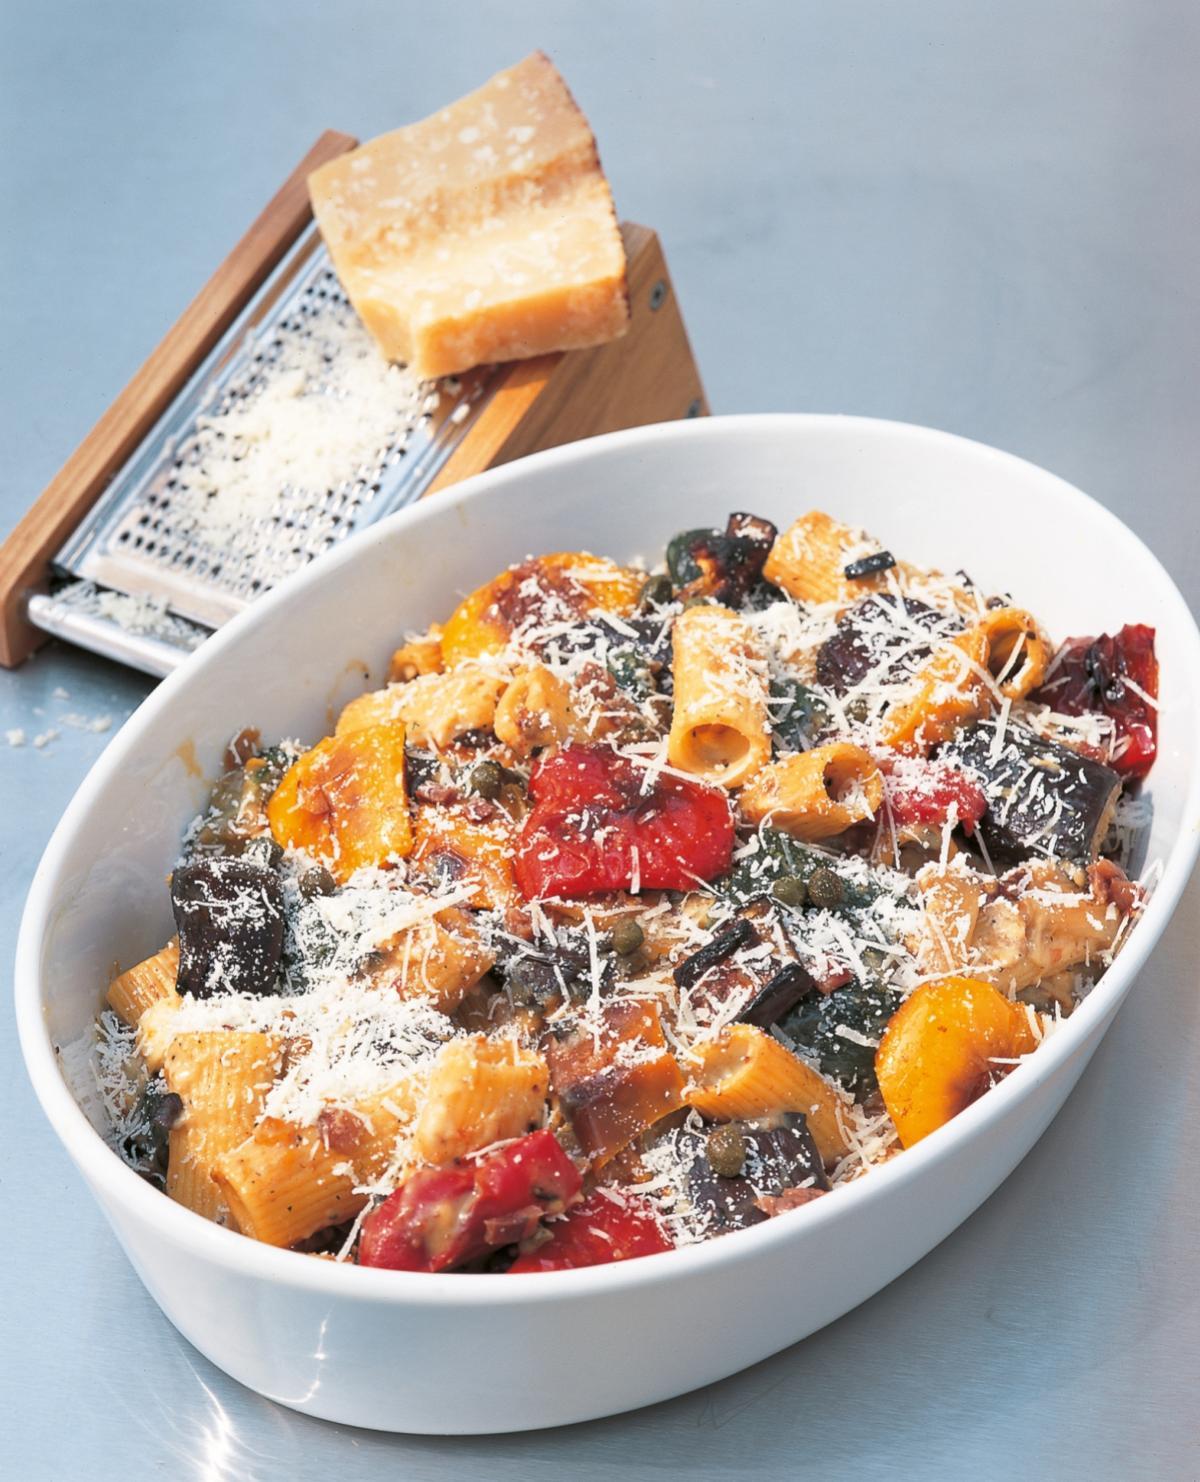 A picture of Delia's Italian recipes